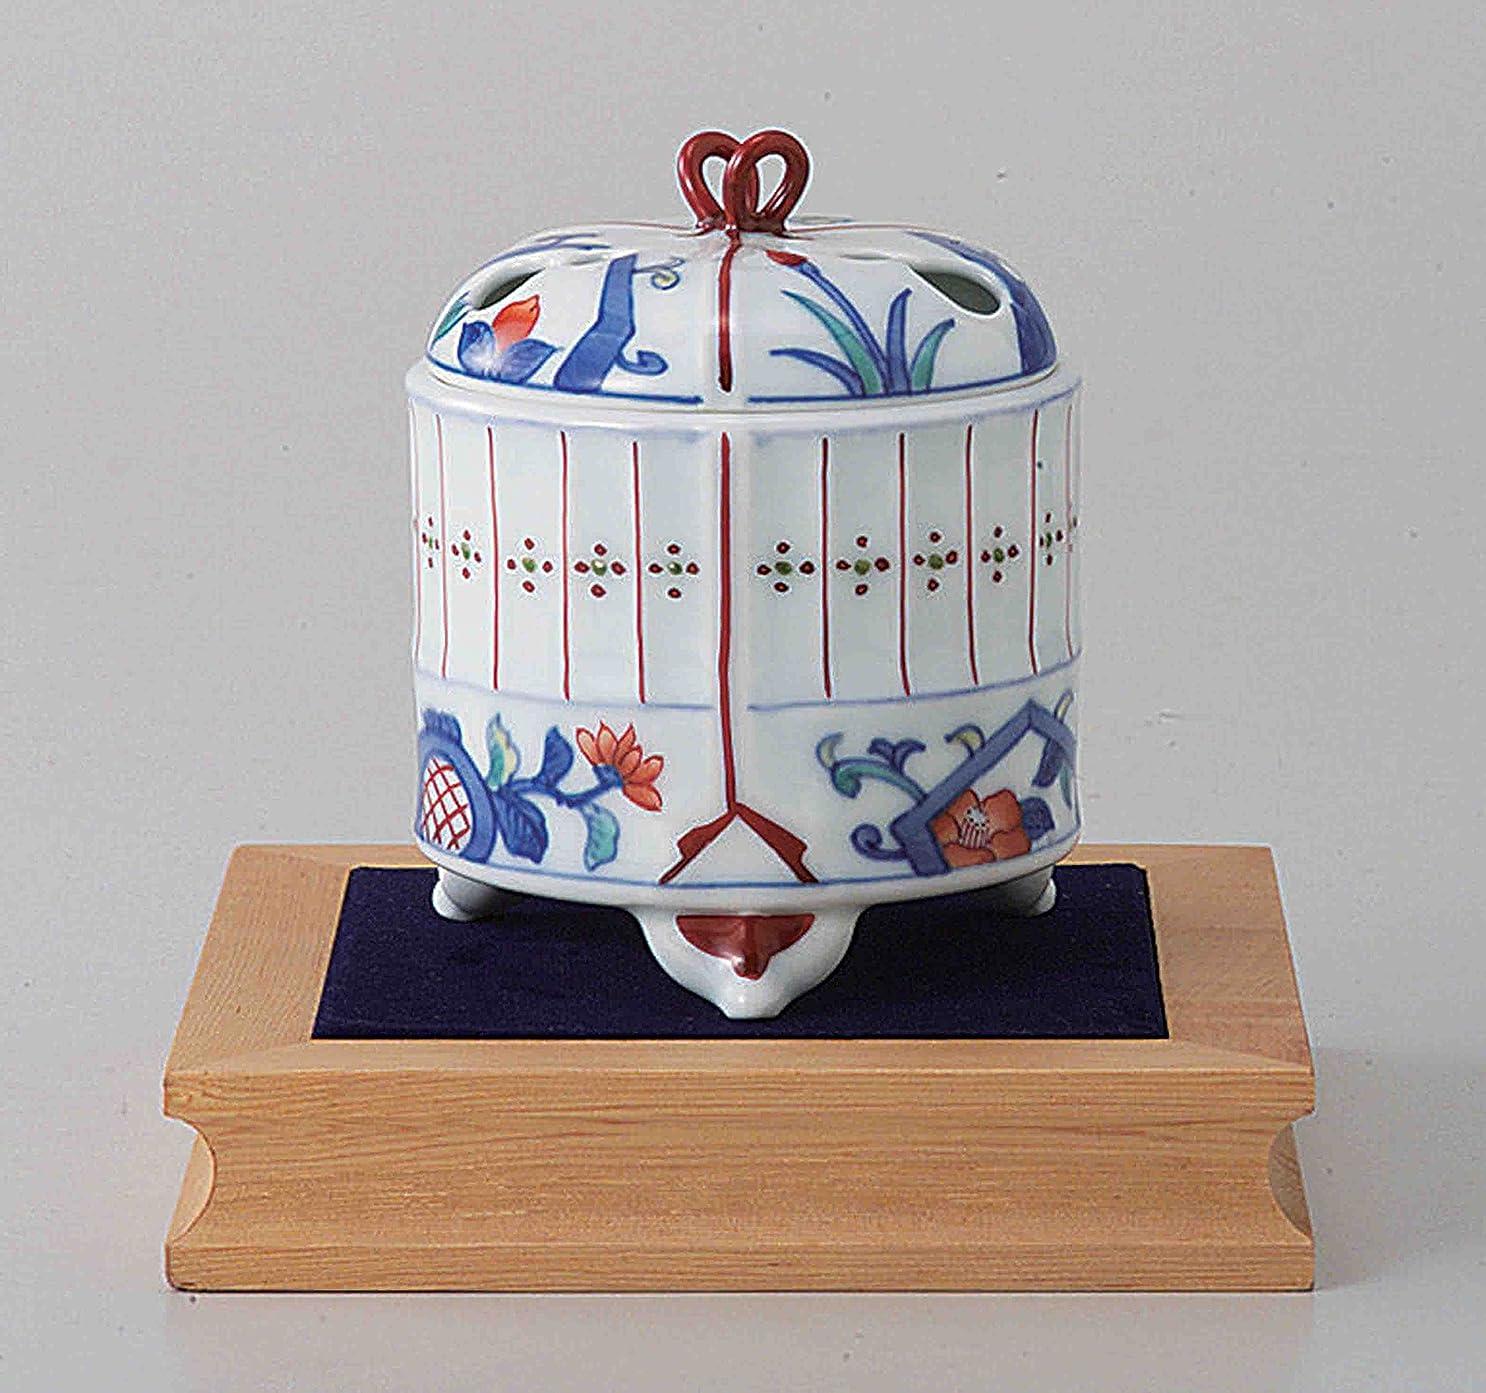 不調和欠伸思想東京抹茶Selection?–?[プレミアム] Arita Porcelain Cencer : Insectケージ?–?Incense BurnerホルダーWベース&ボックス日本から[ EMSで発送標準: withトラッキング&保険]